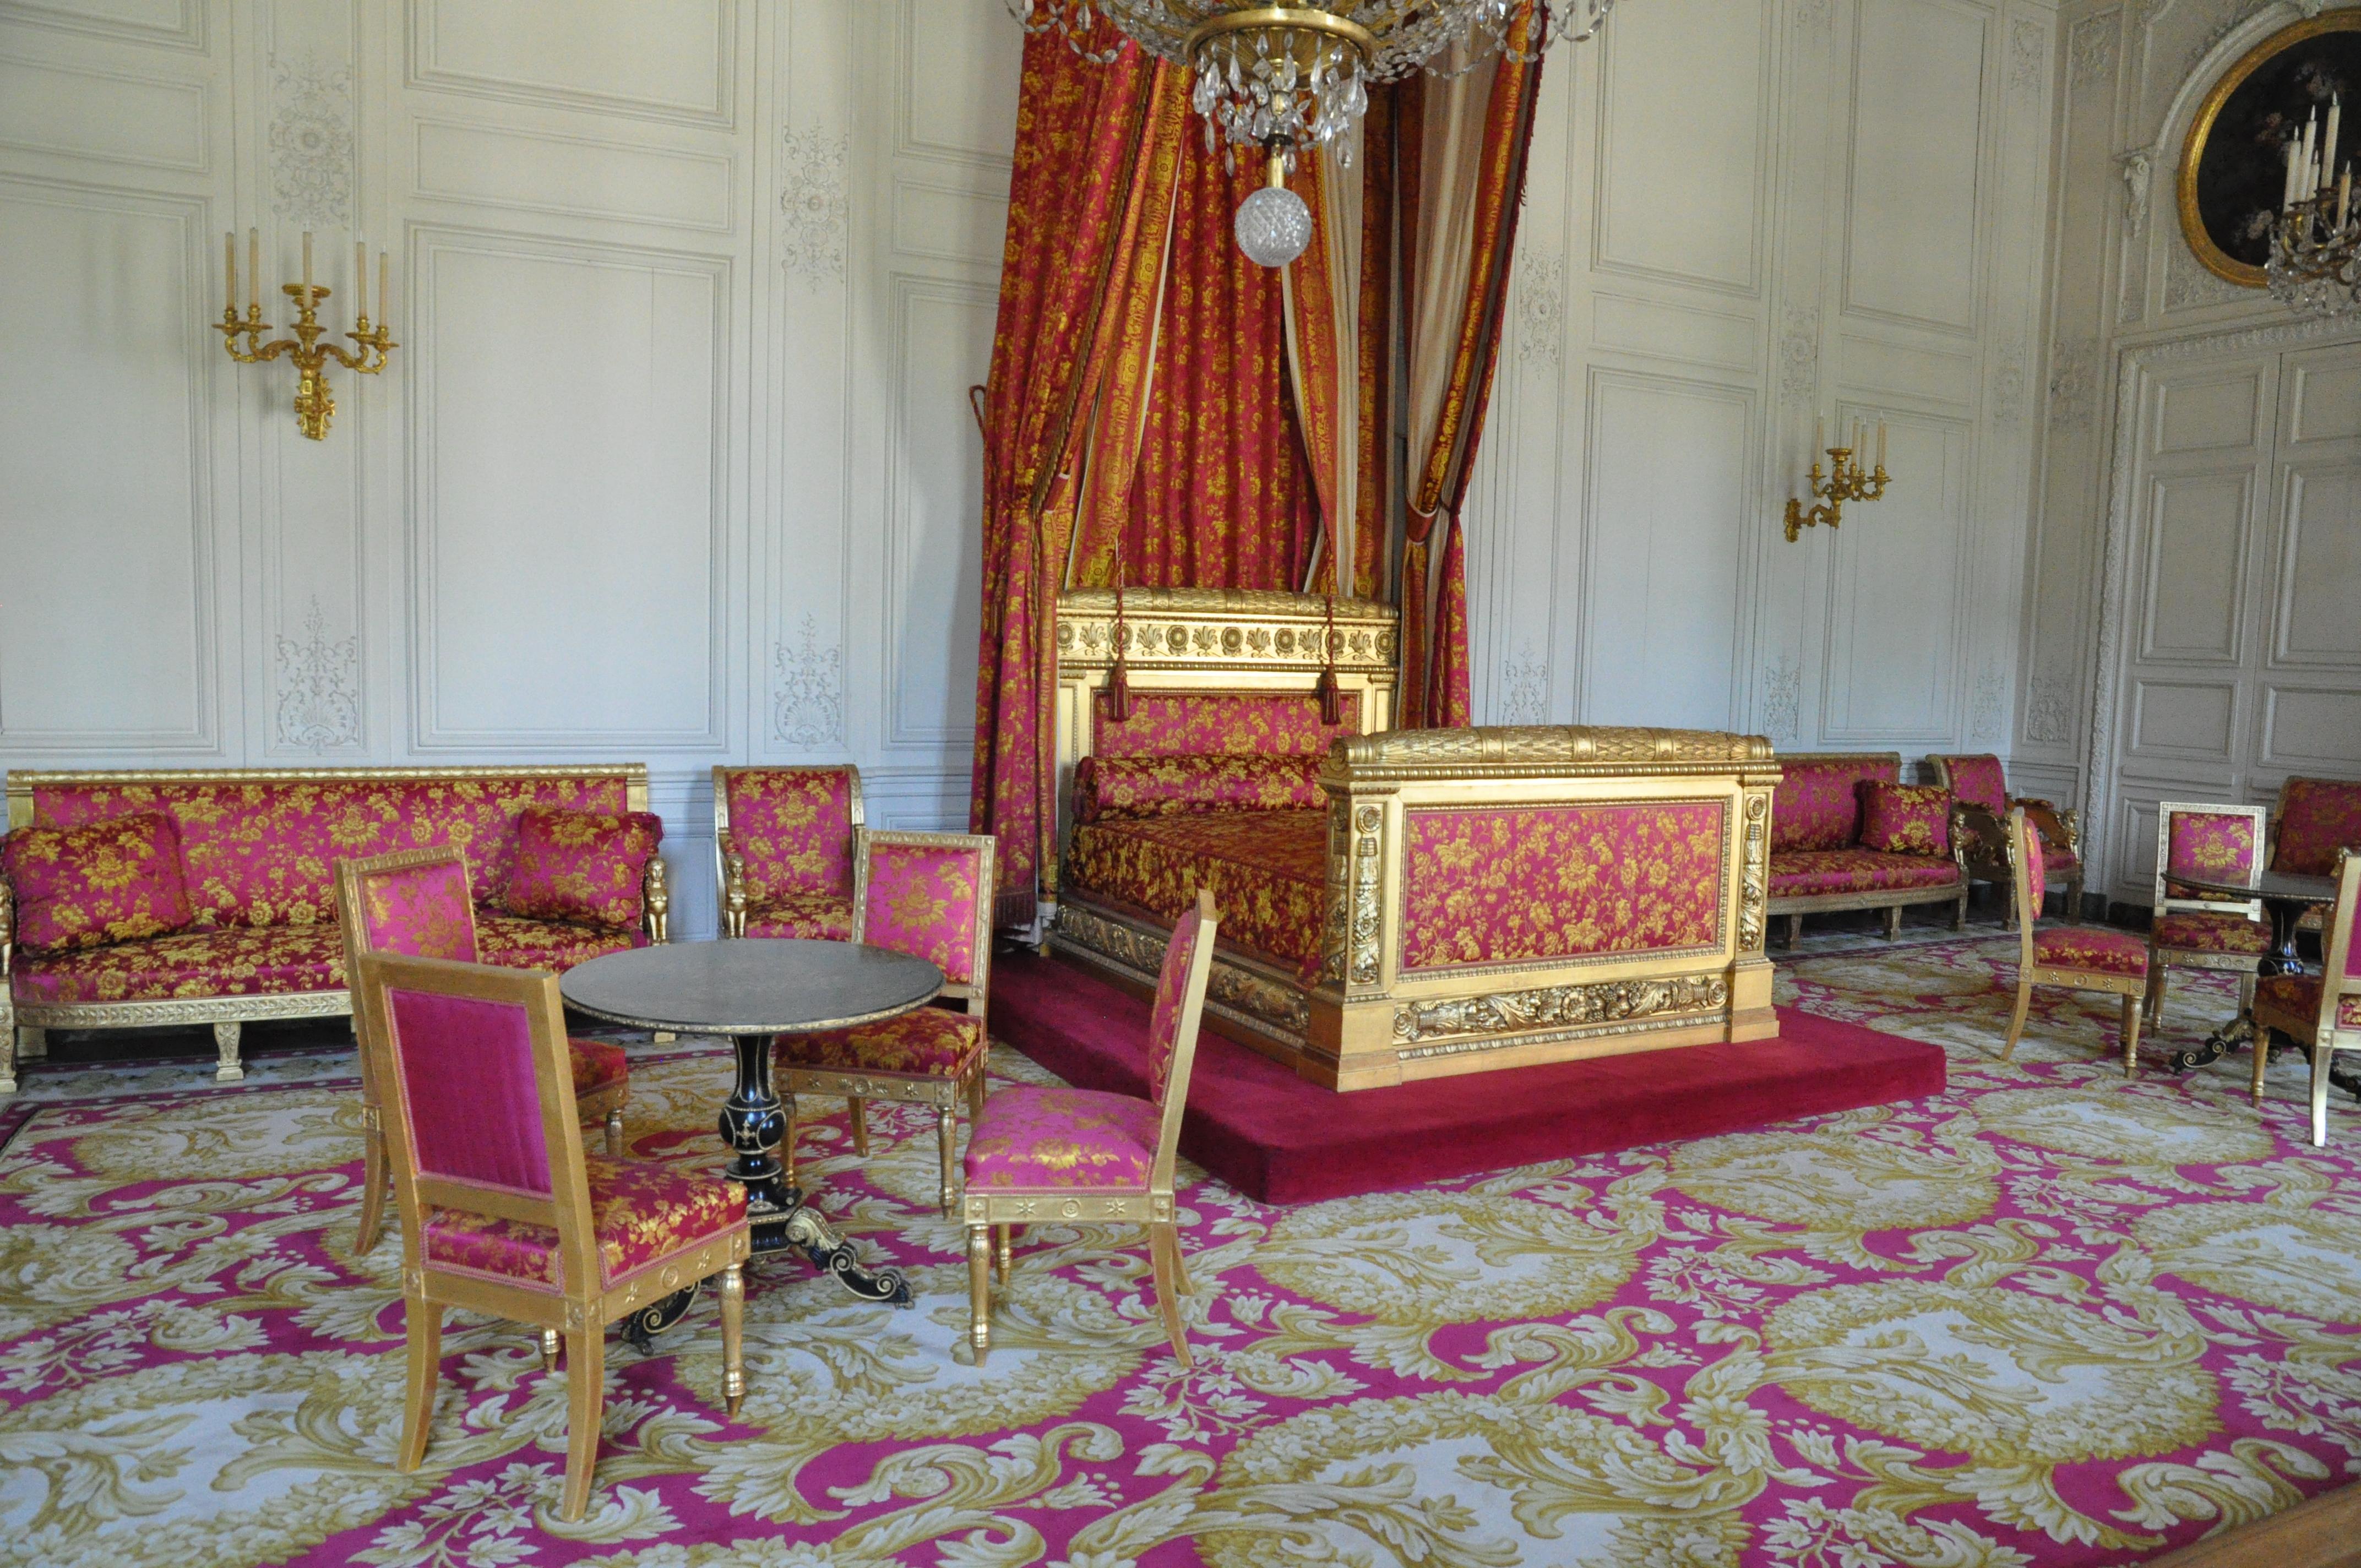 File:Grand Trianon Chambre de la Reine des Belges 01.JPG ...